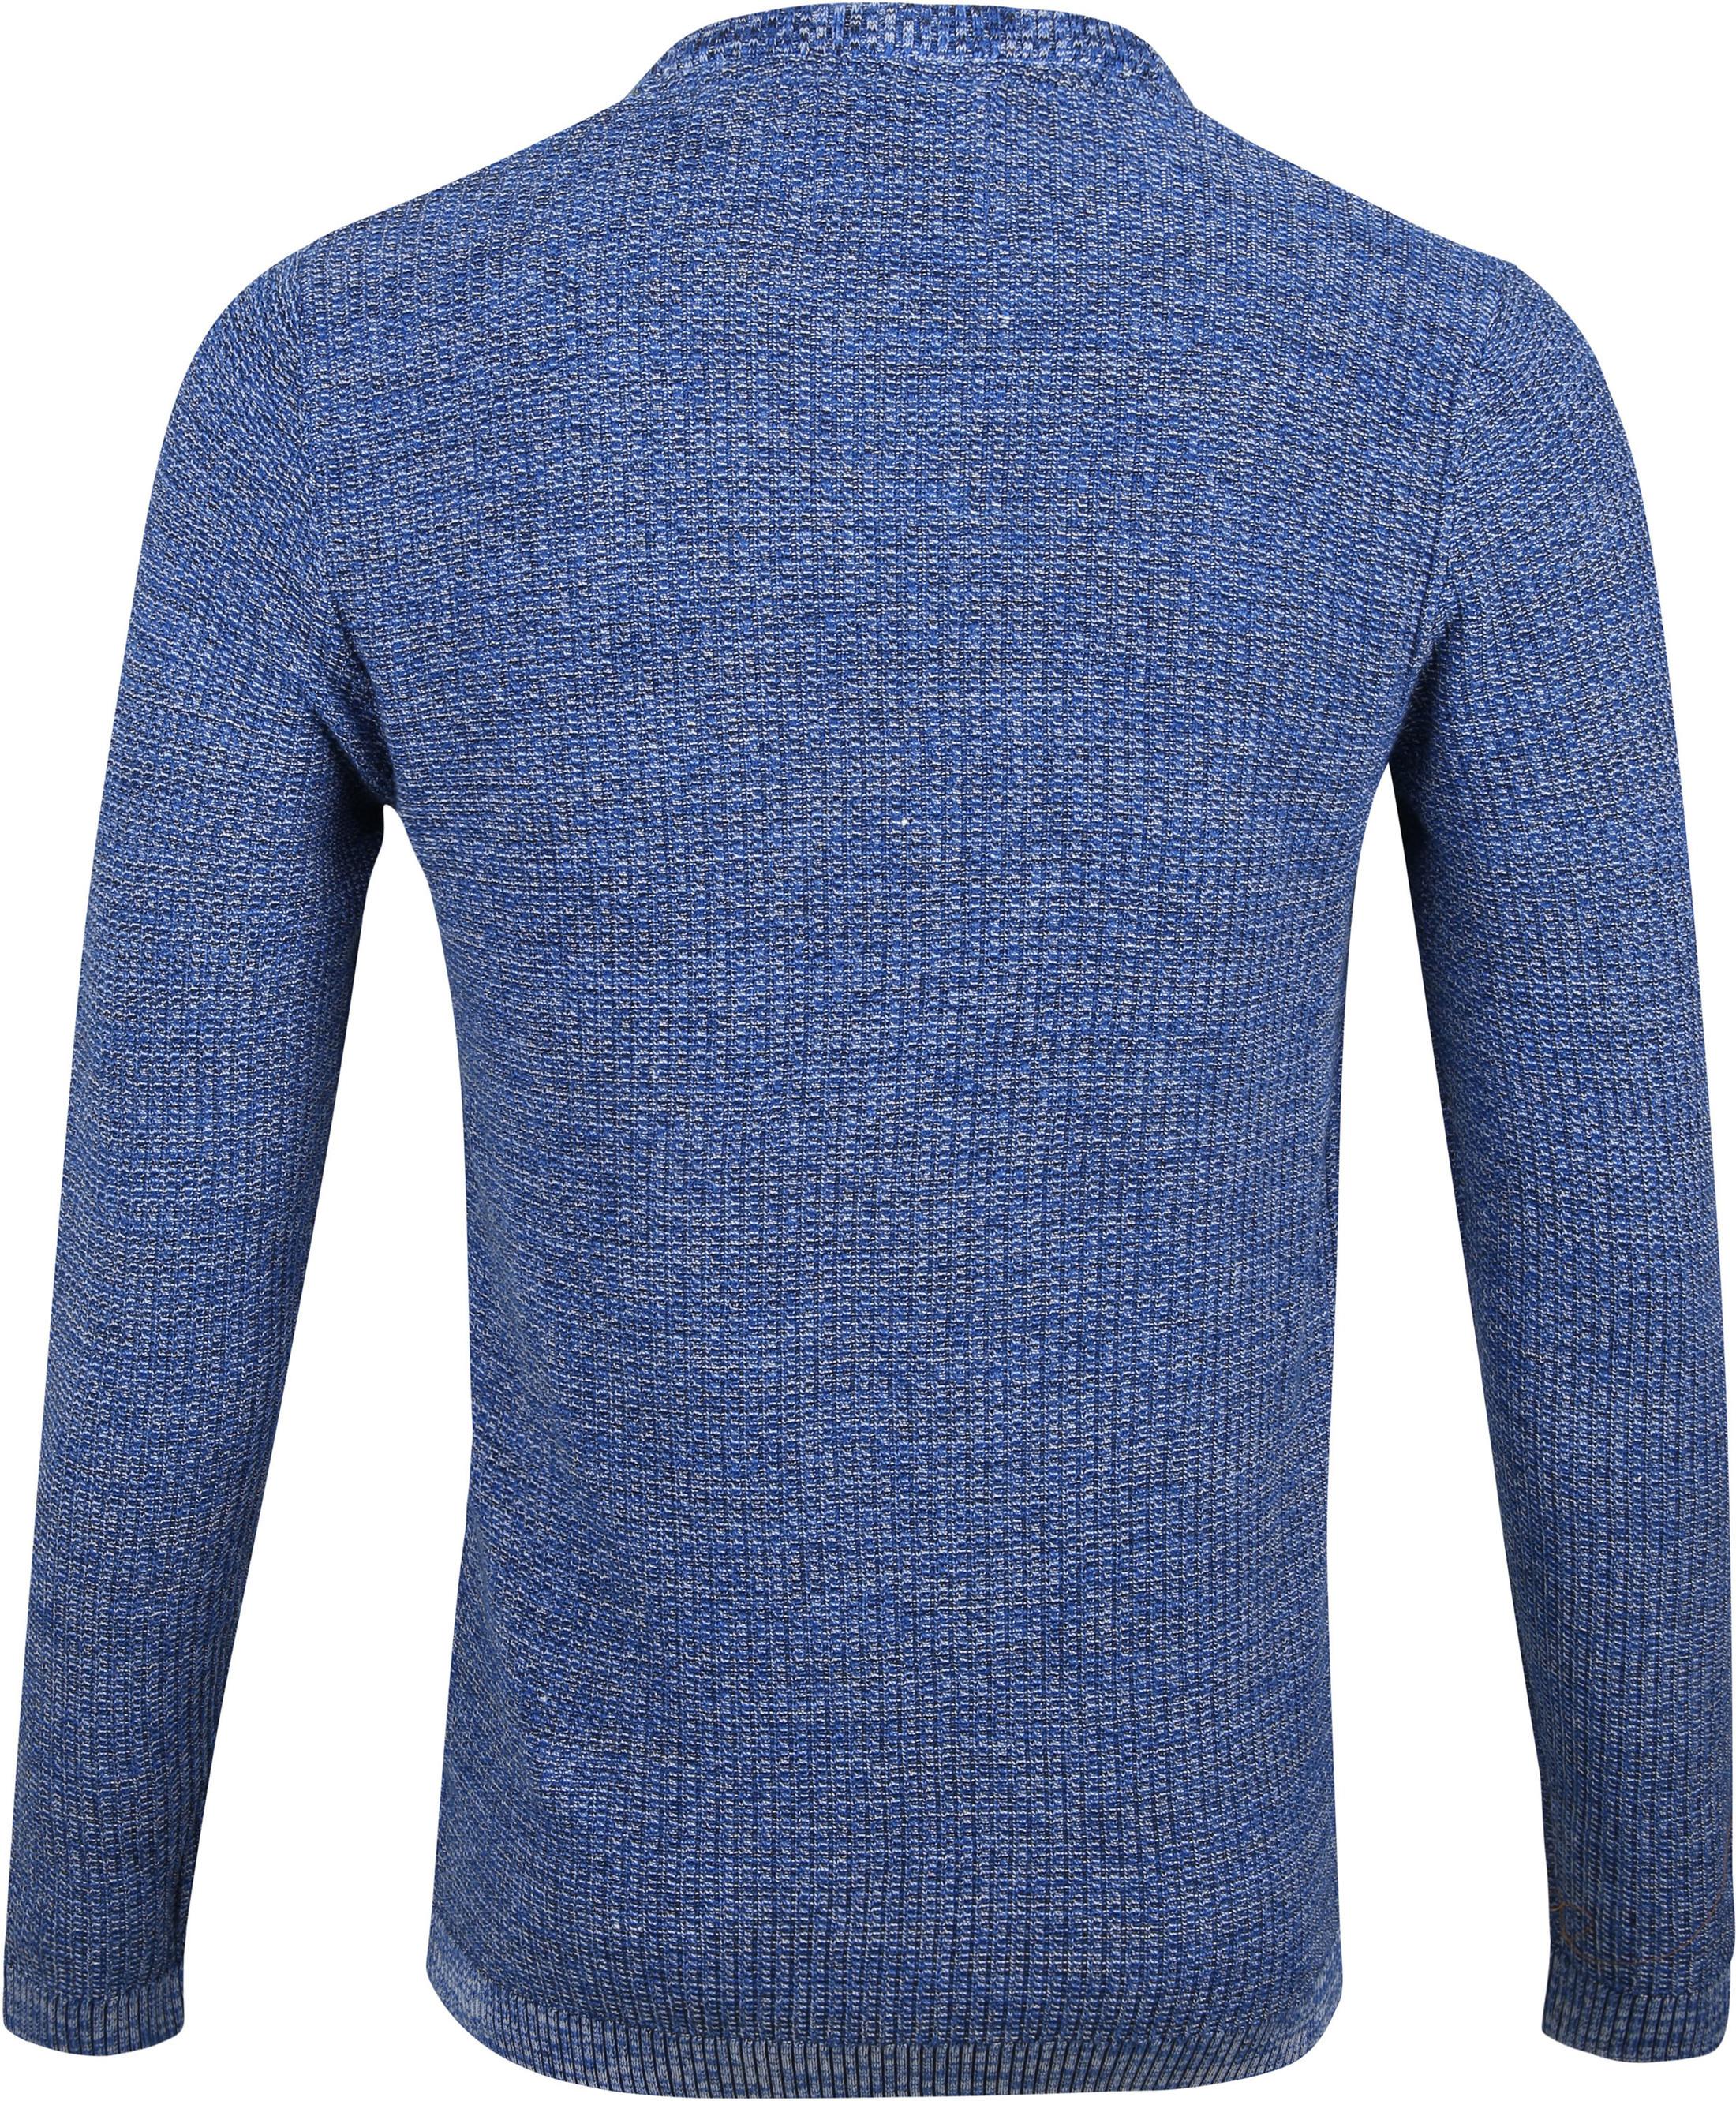 No-Excess Pullover Melange Blauw foto 3